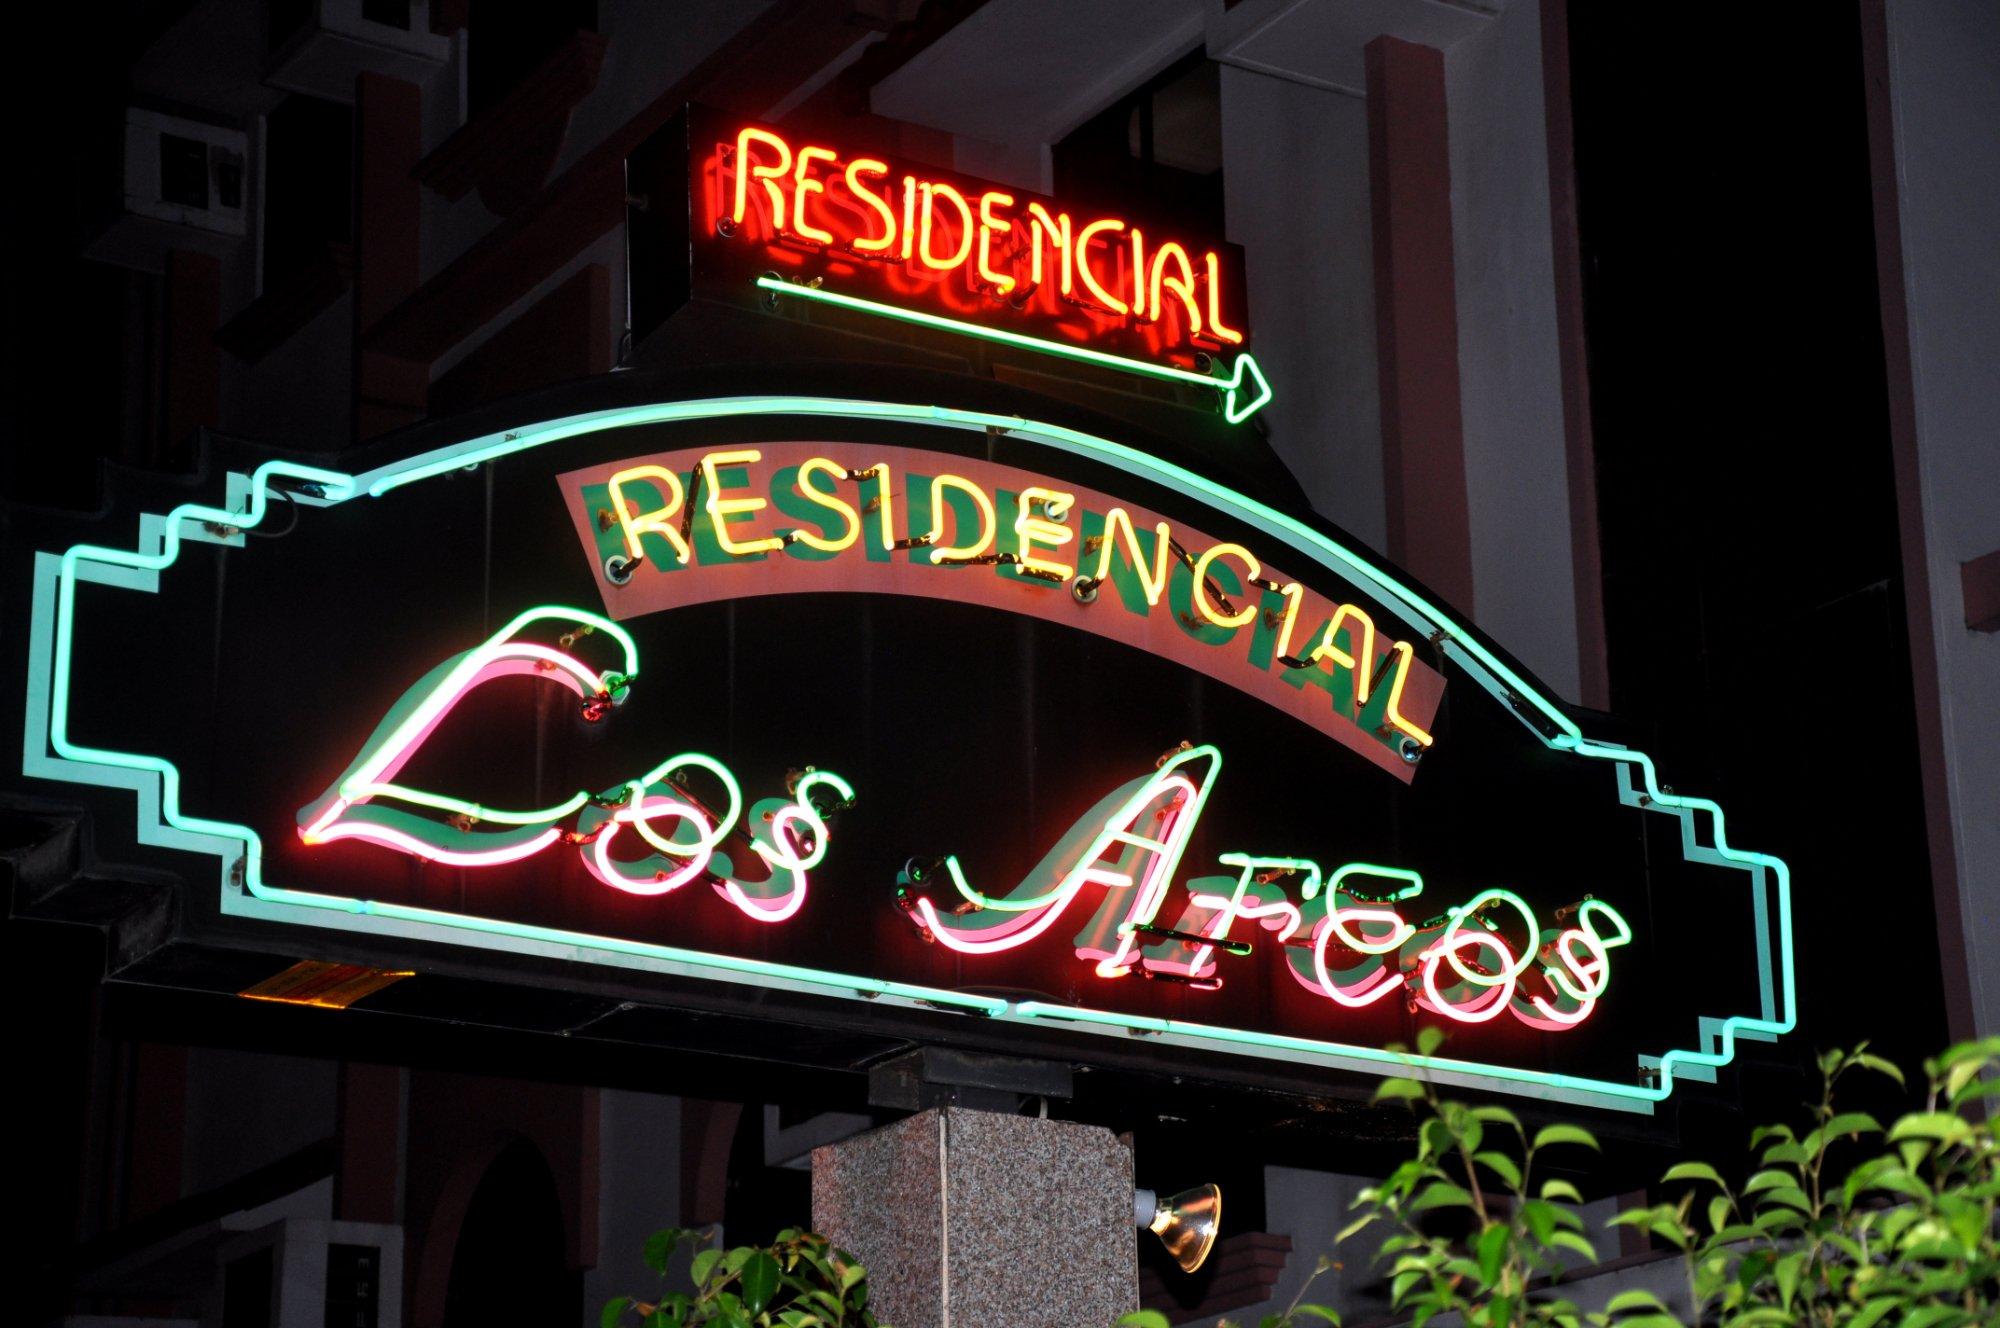 Residencial Los Arcos Hotel